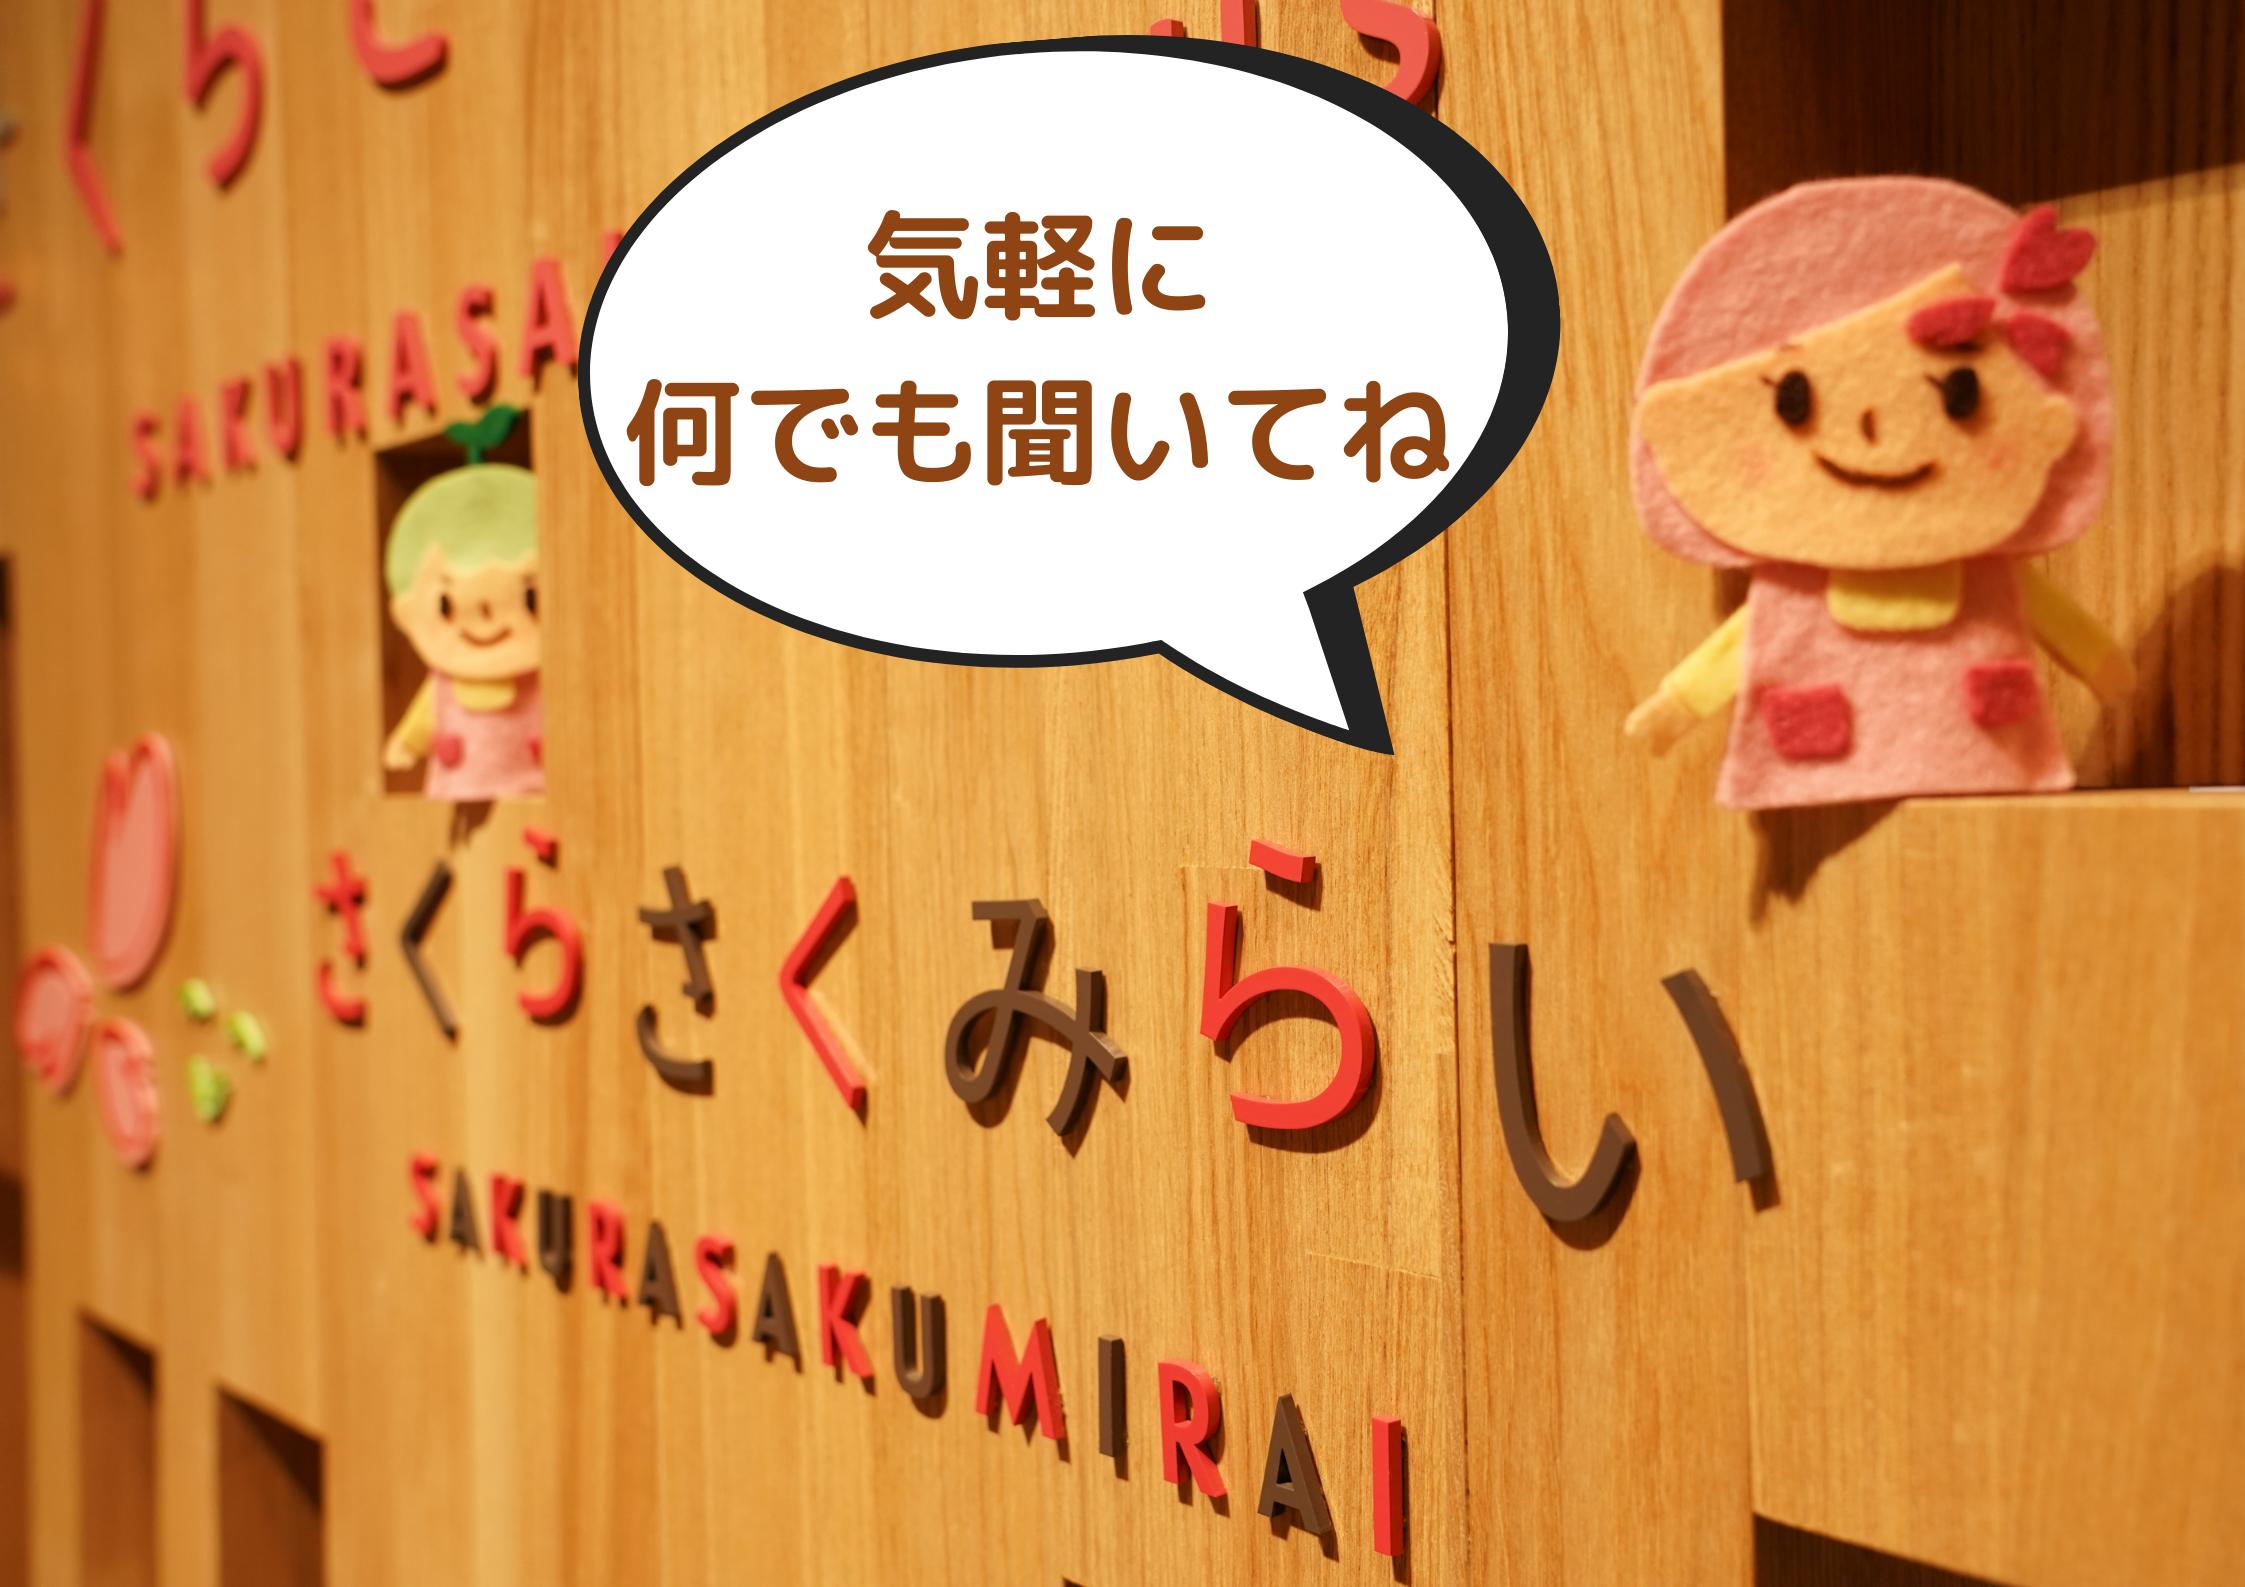 【保育士】個別質問&相談『さくらさくサポート』へようこそ☆★のアイキャッチ